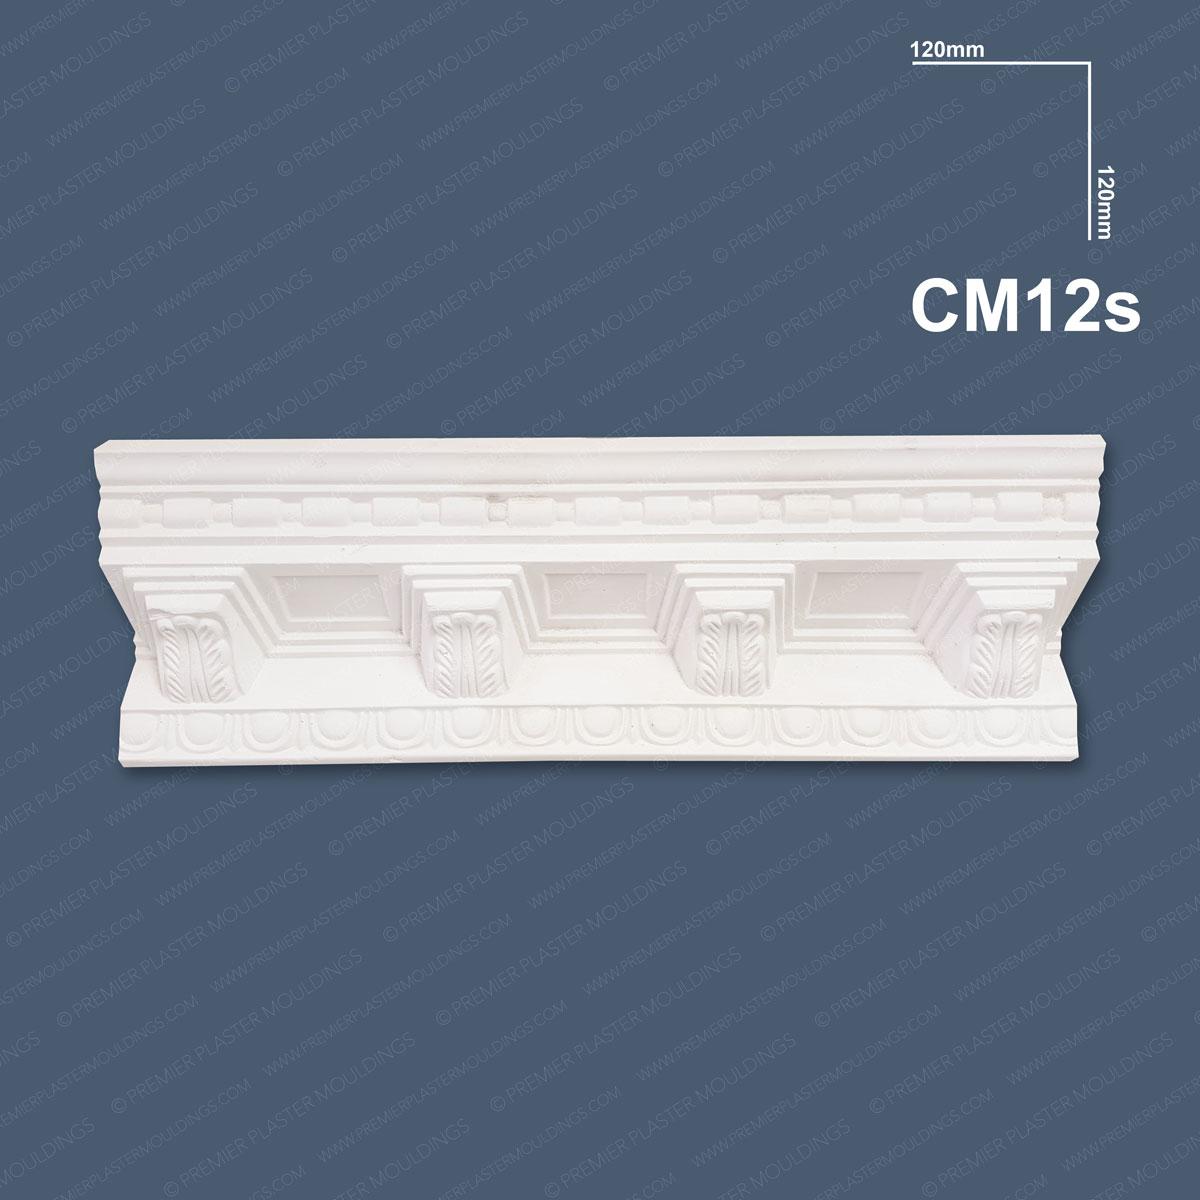 CM12s